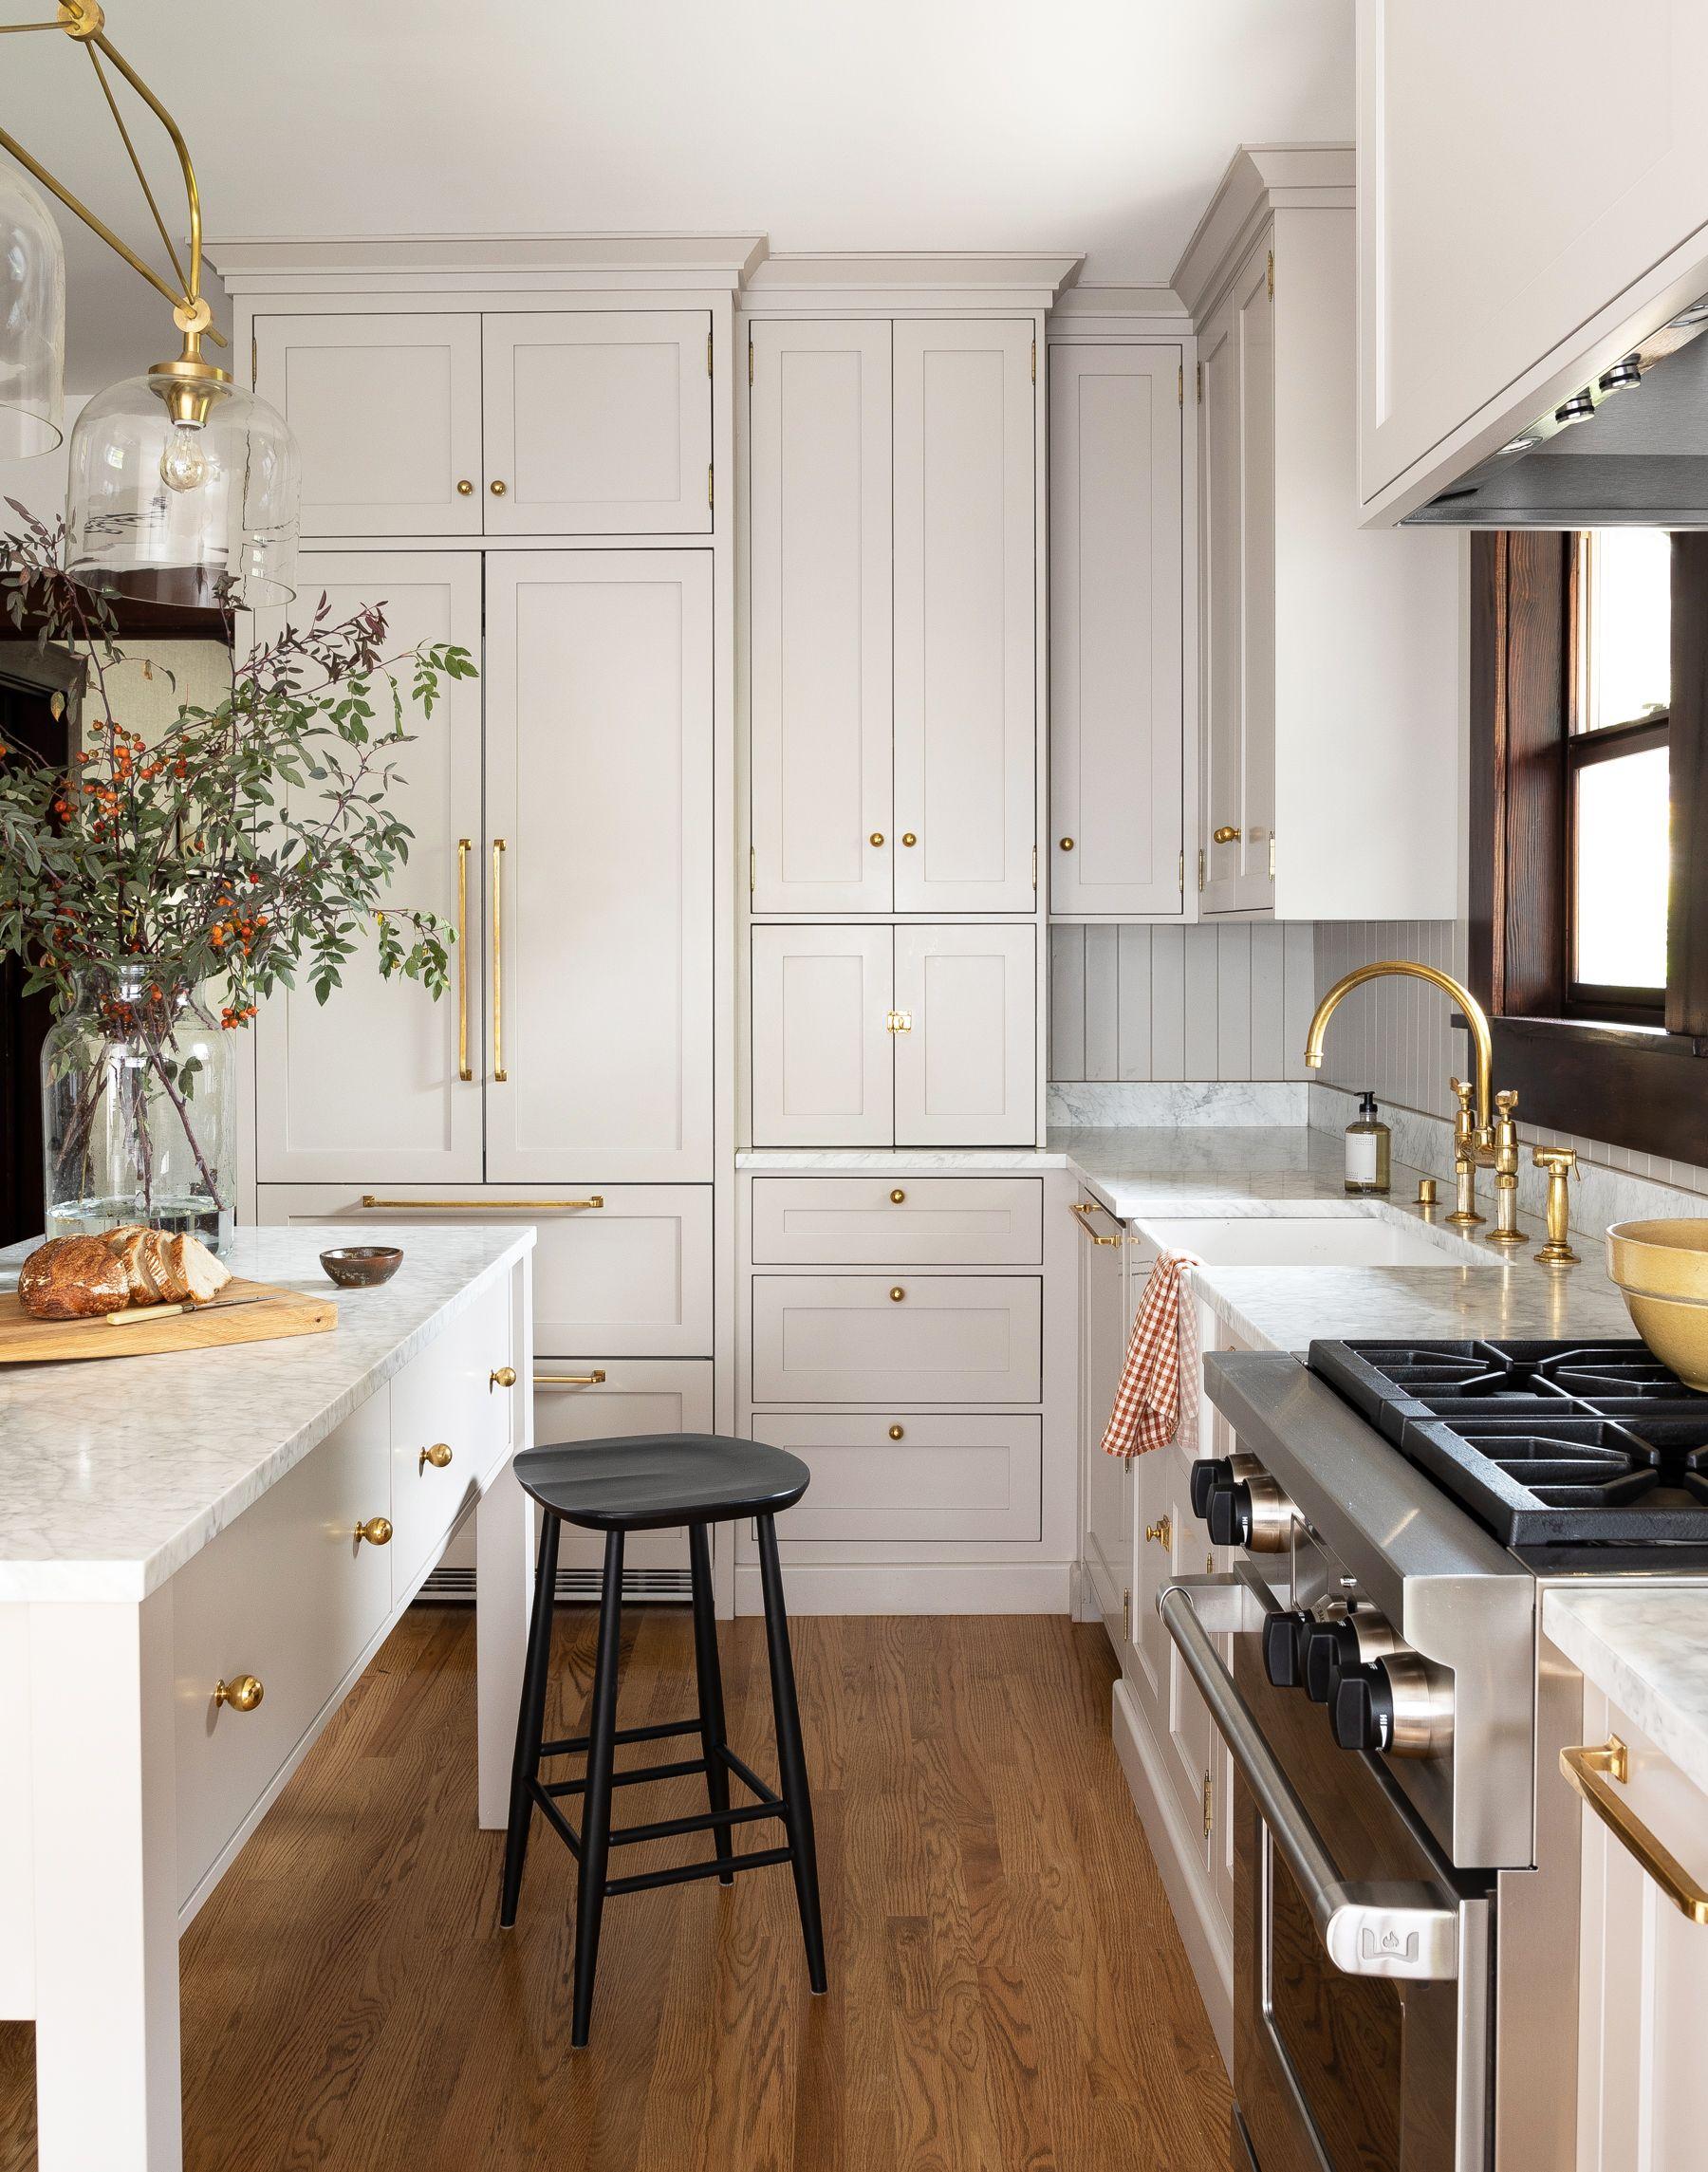 55 Kitchen Cabinet Design Ideas 2020 Unique Kitchen Cabinet Styles